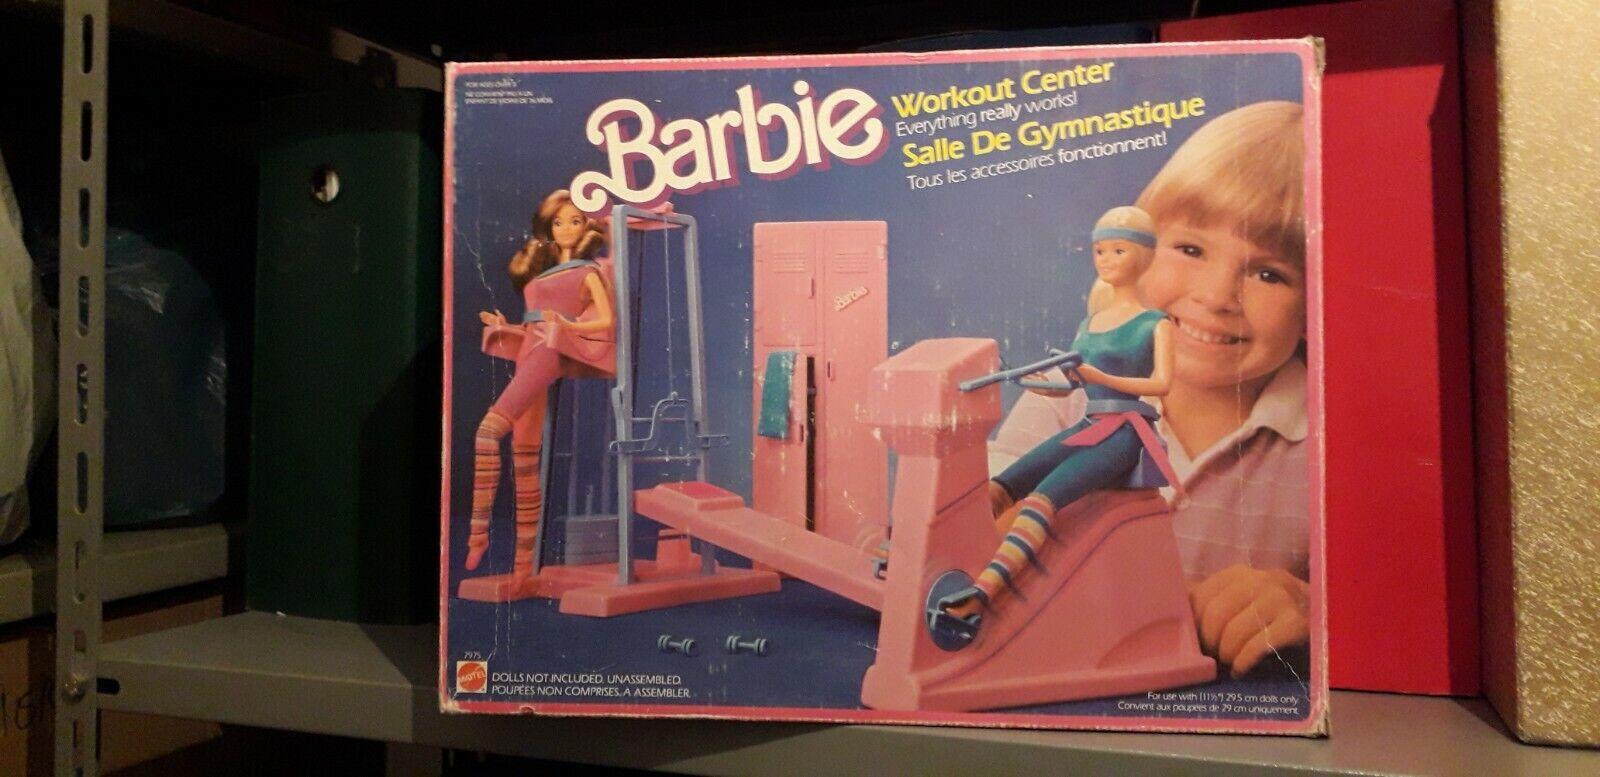 BARBIE Palestra - lavoroout Center (Mattel 1984, con scatola orginale)   a buon mercato